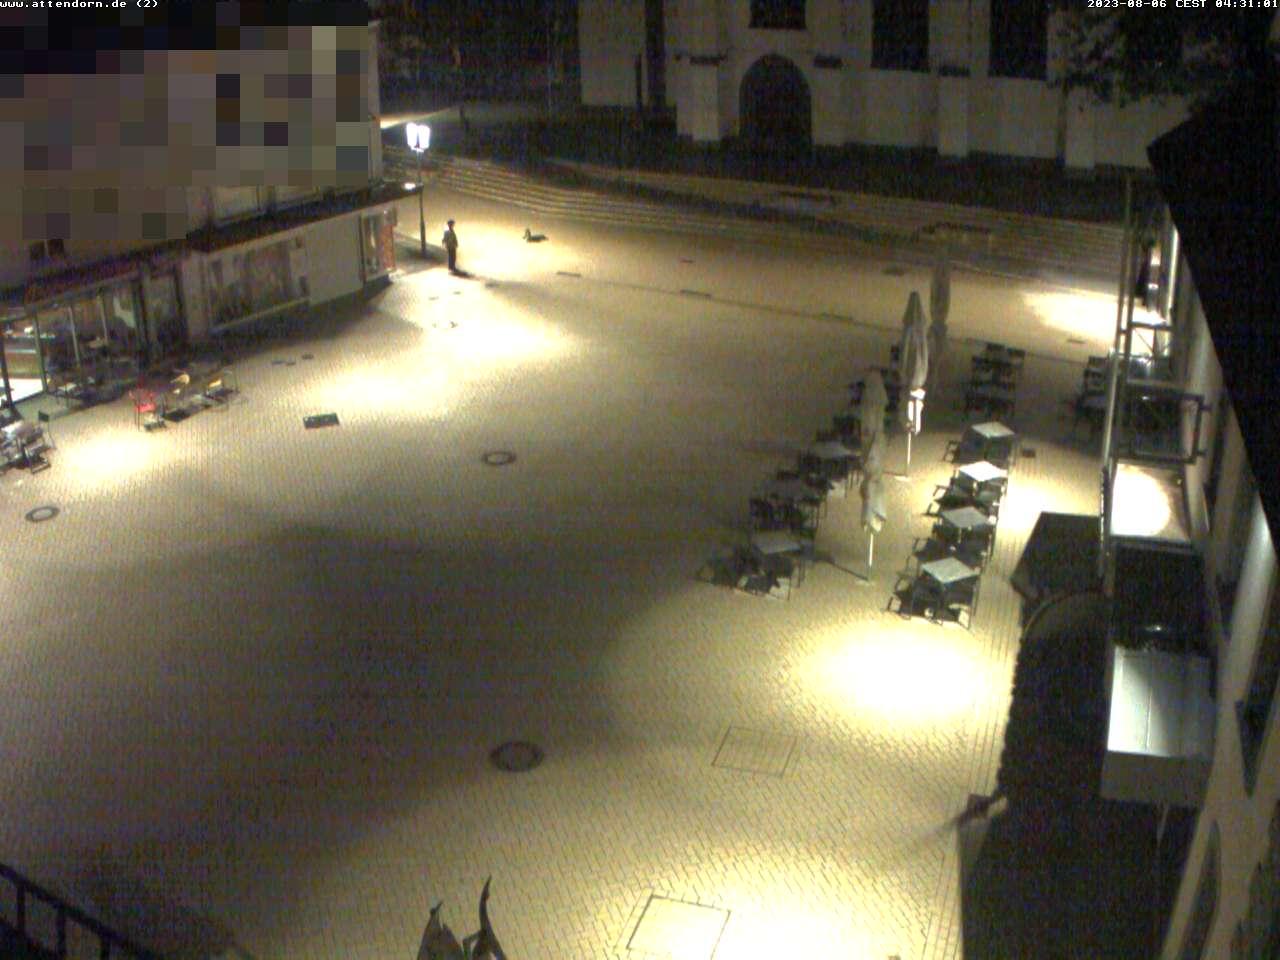 Webcam Alter Markt - Attendorner Geschichten - Stadtmagazin Lokalnachrichten Attendorn